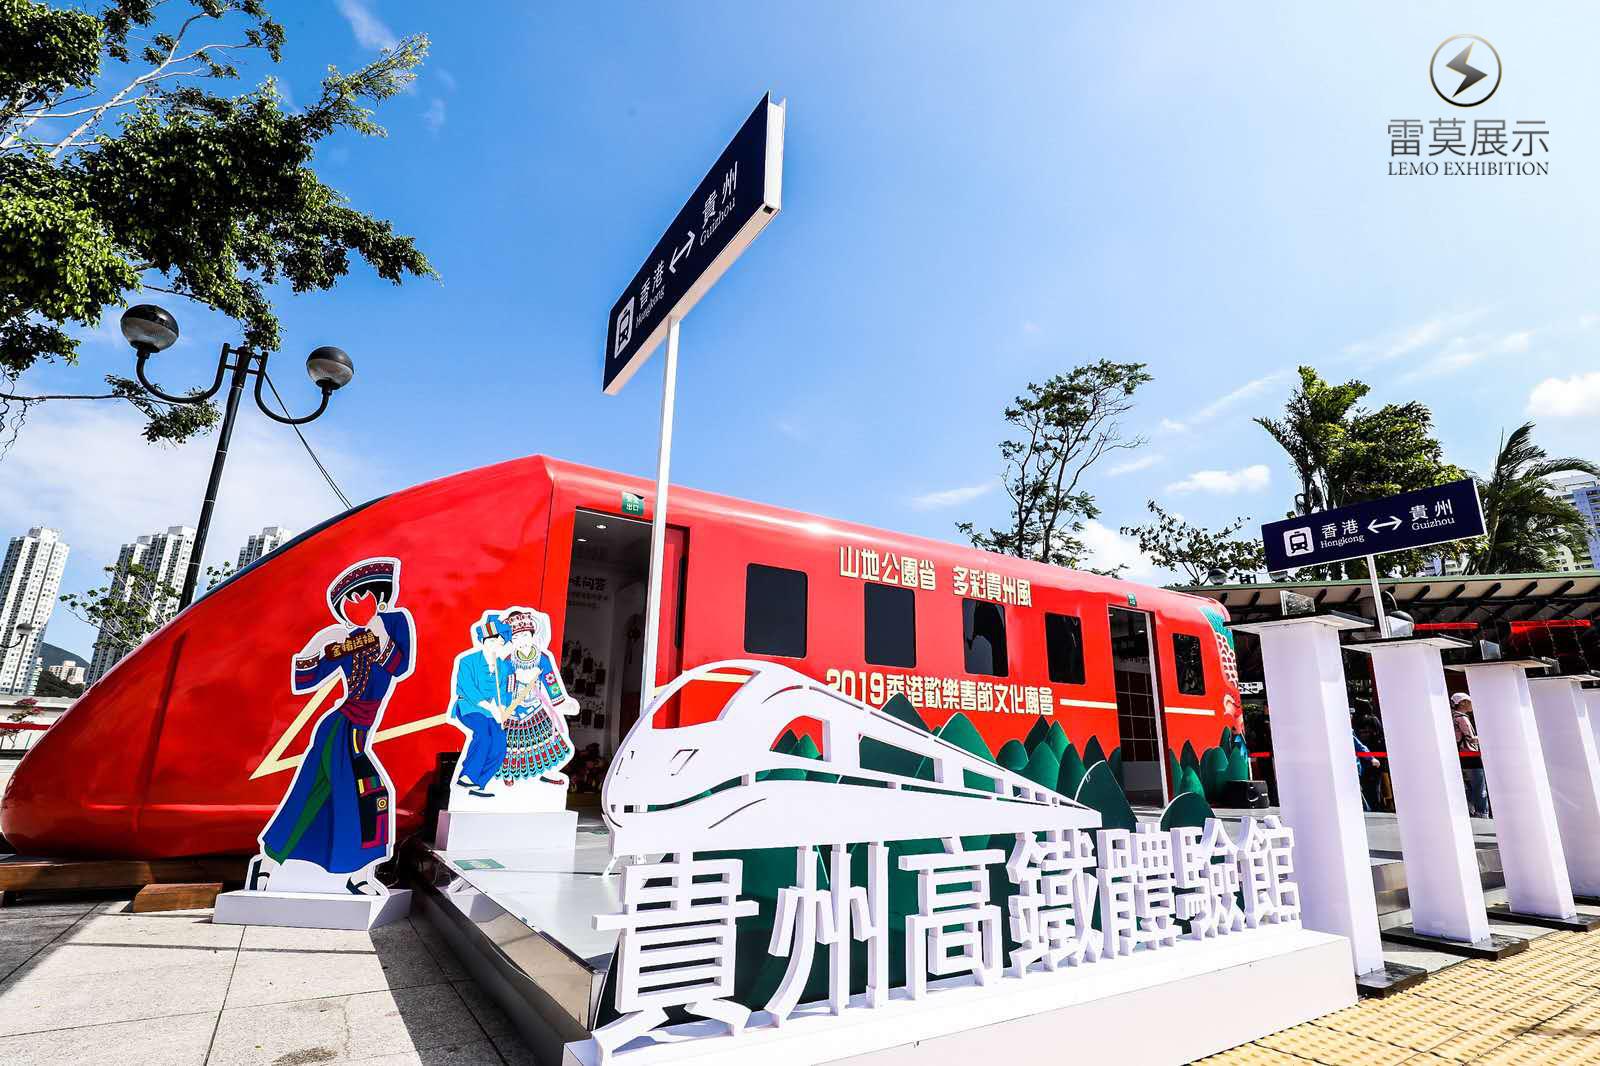 """山地公园省 多彩贵州风 雷莫展示助力贵州在香港打造""""贵州新春幸福号高铁体验馆"""""""